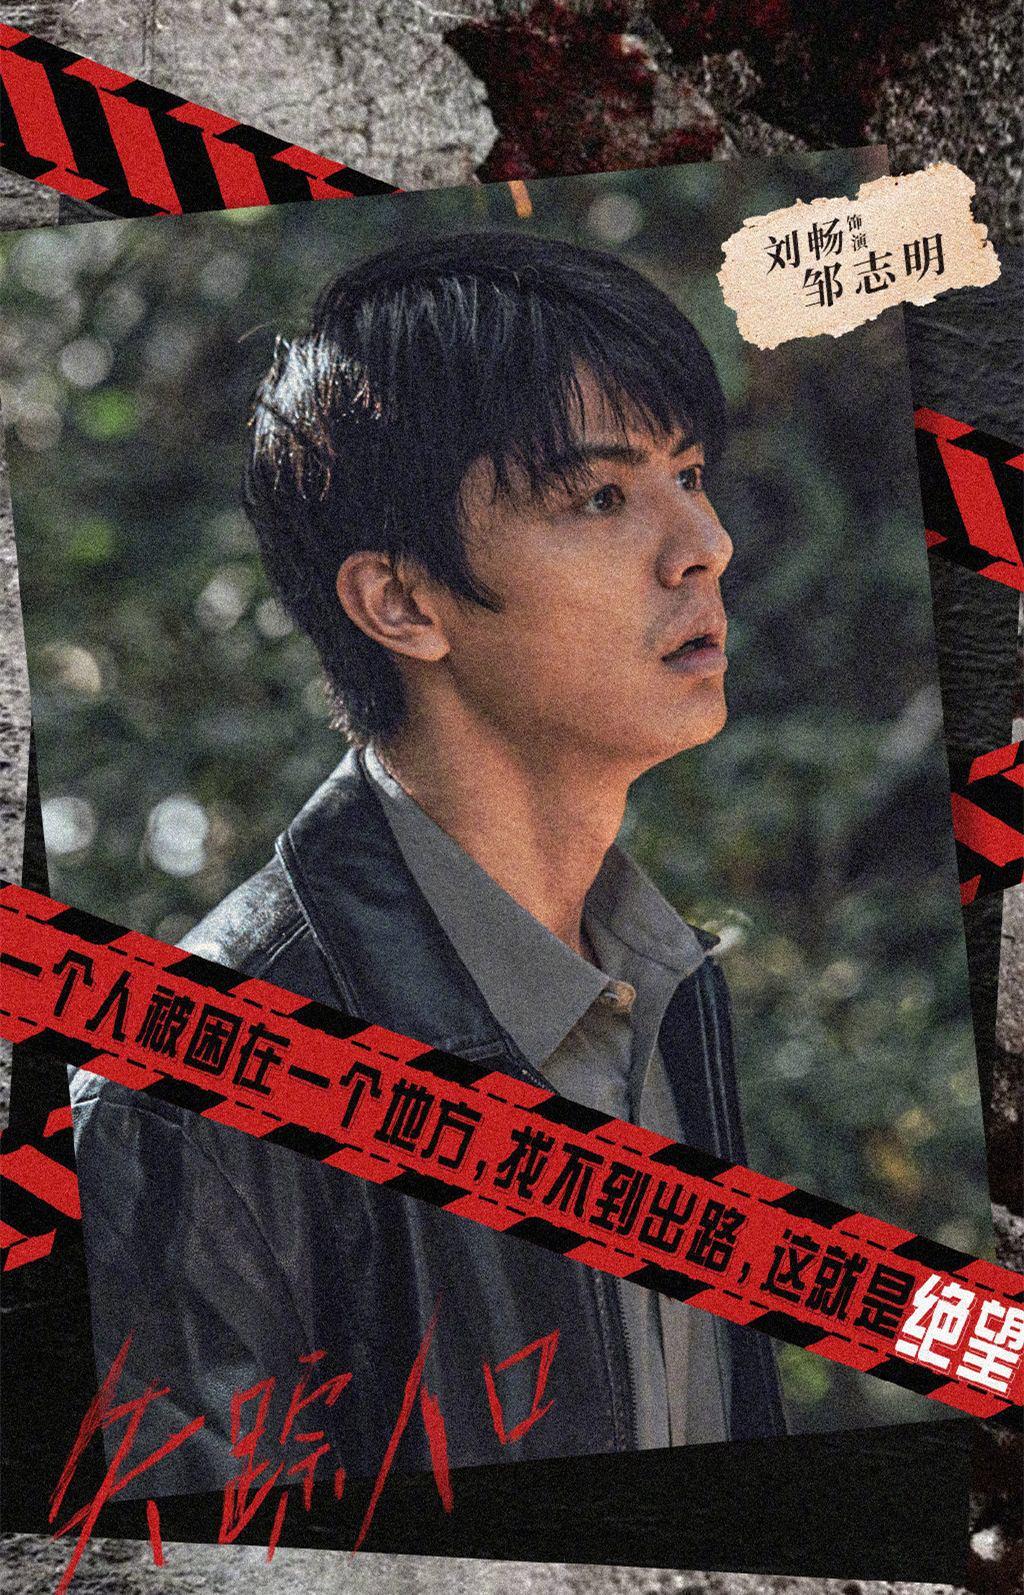 《失踪人口》烧脑剧情引热议 专访刘畅:每次拍摄都是在学习